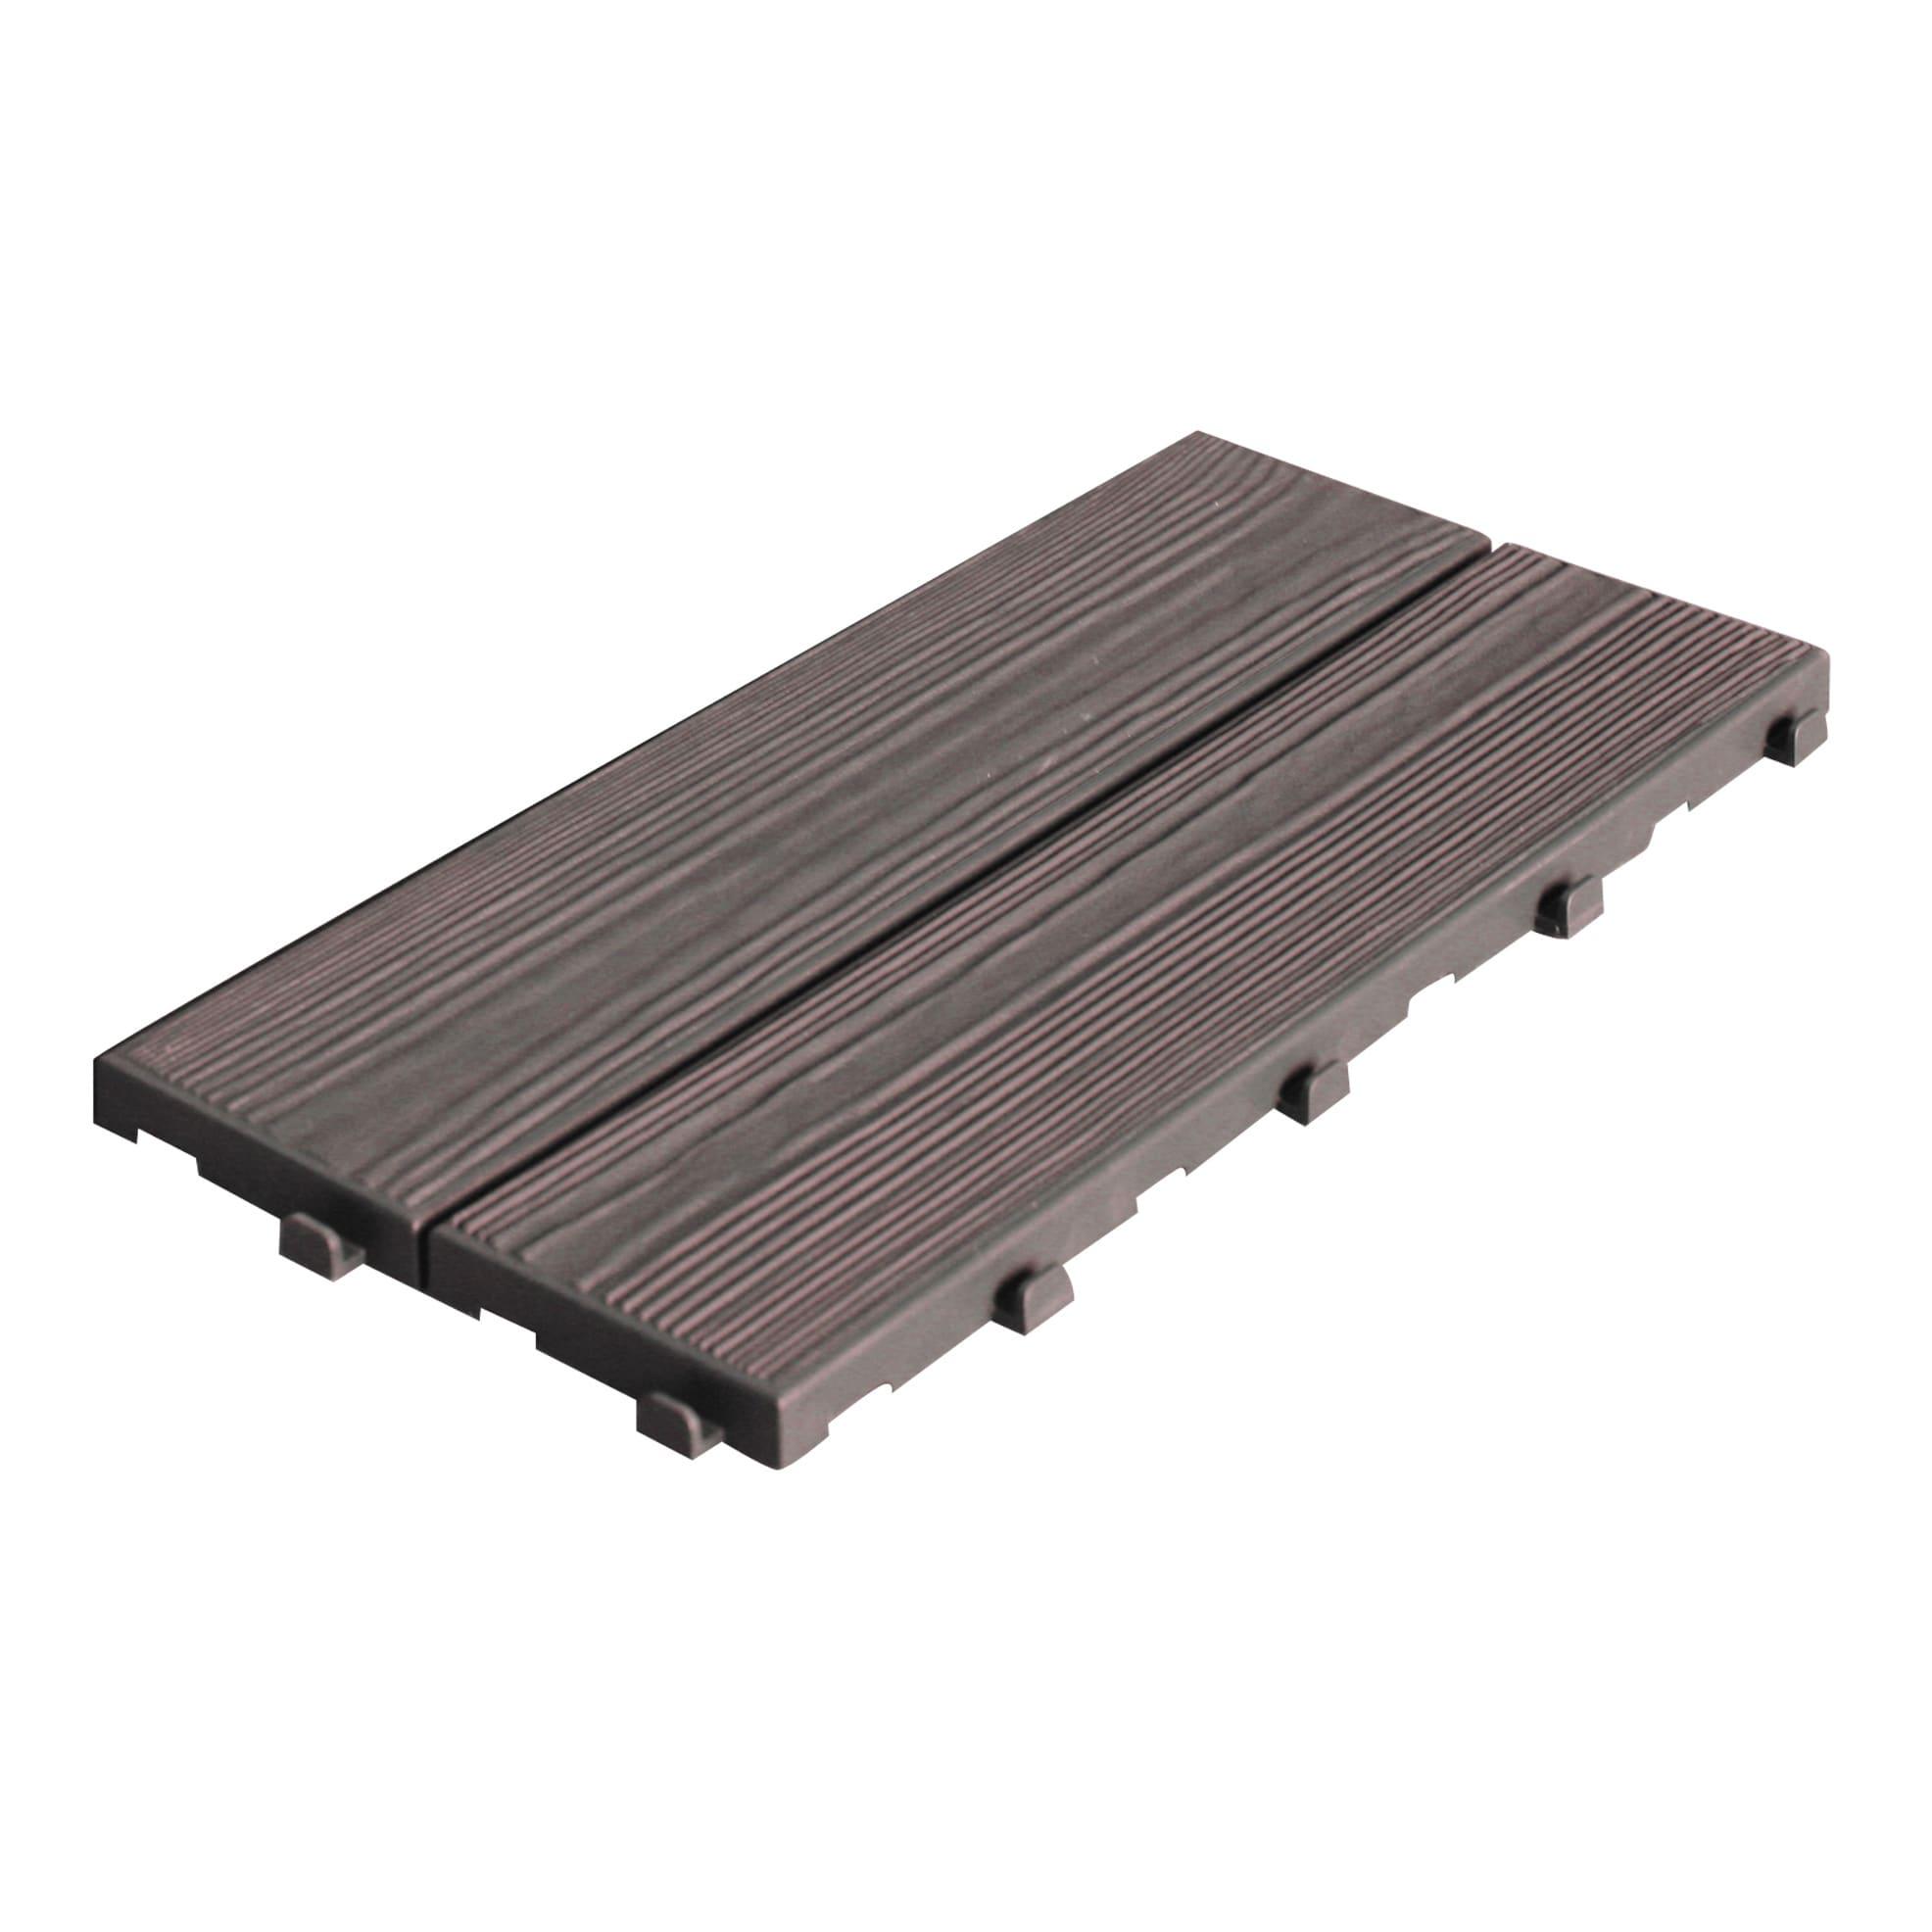 Pavimento A Incastro Per Esterni piastrelle ad incastro onek easywood 14 pezzi in pvc 18.6 x 37.7 cm sp 17  mm, marrone scuro